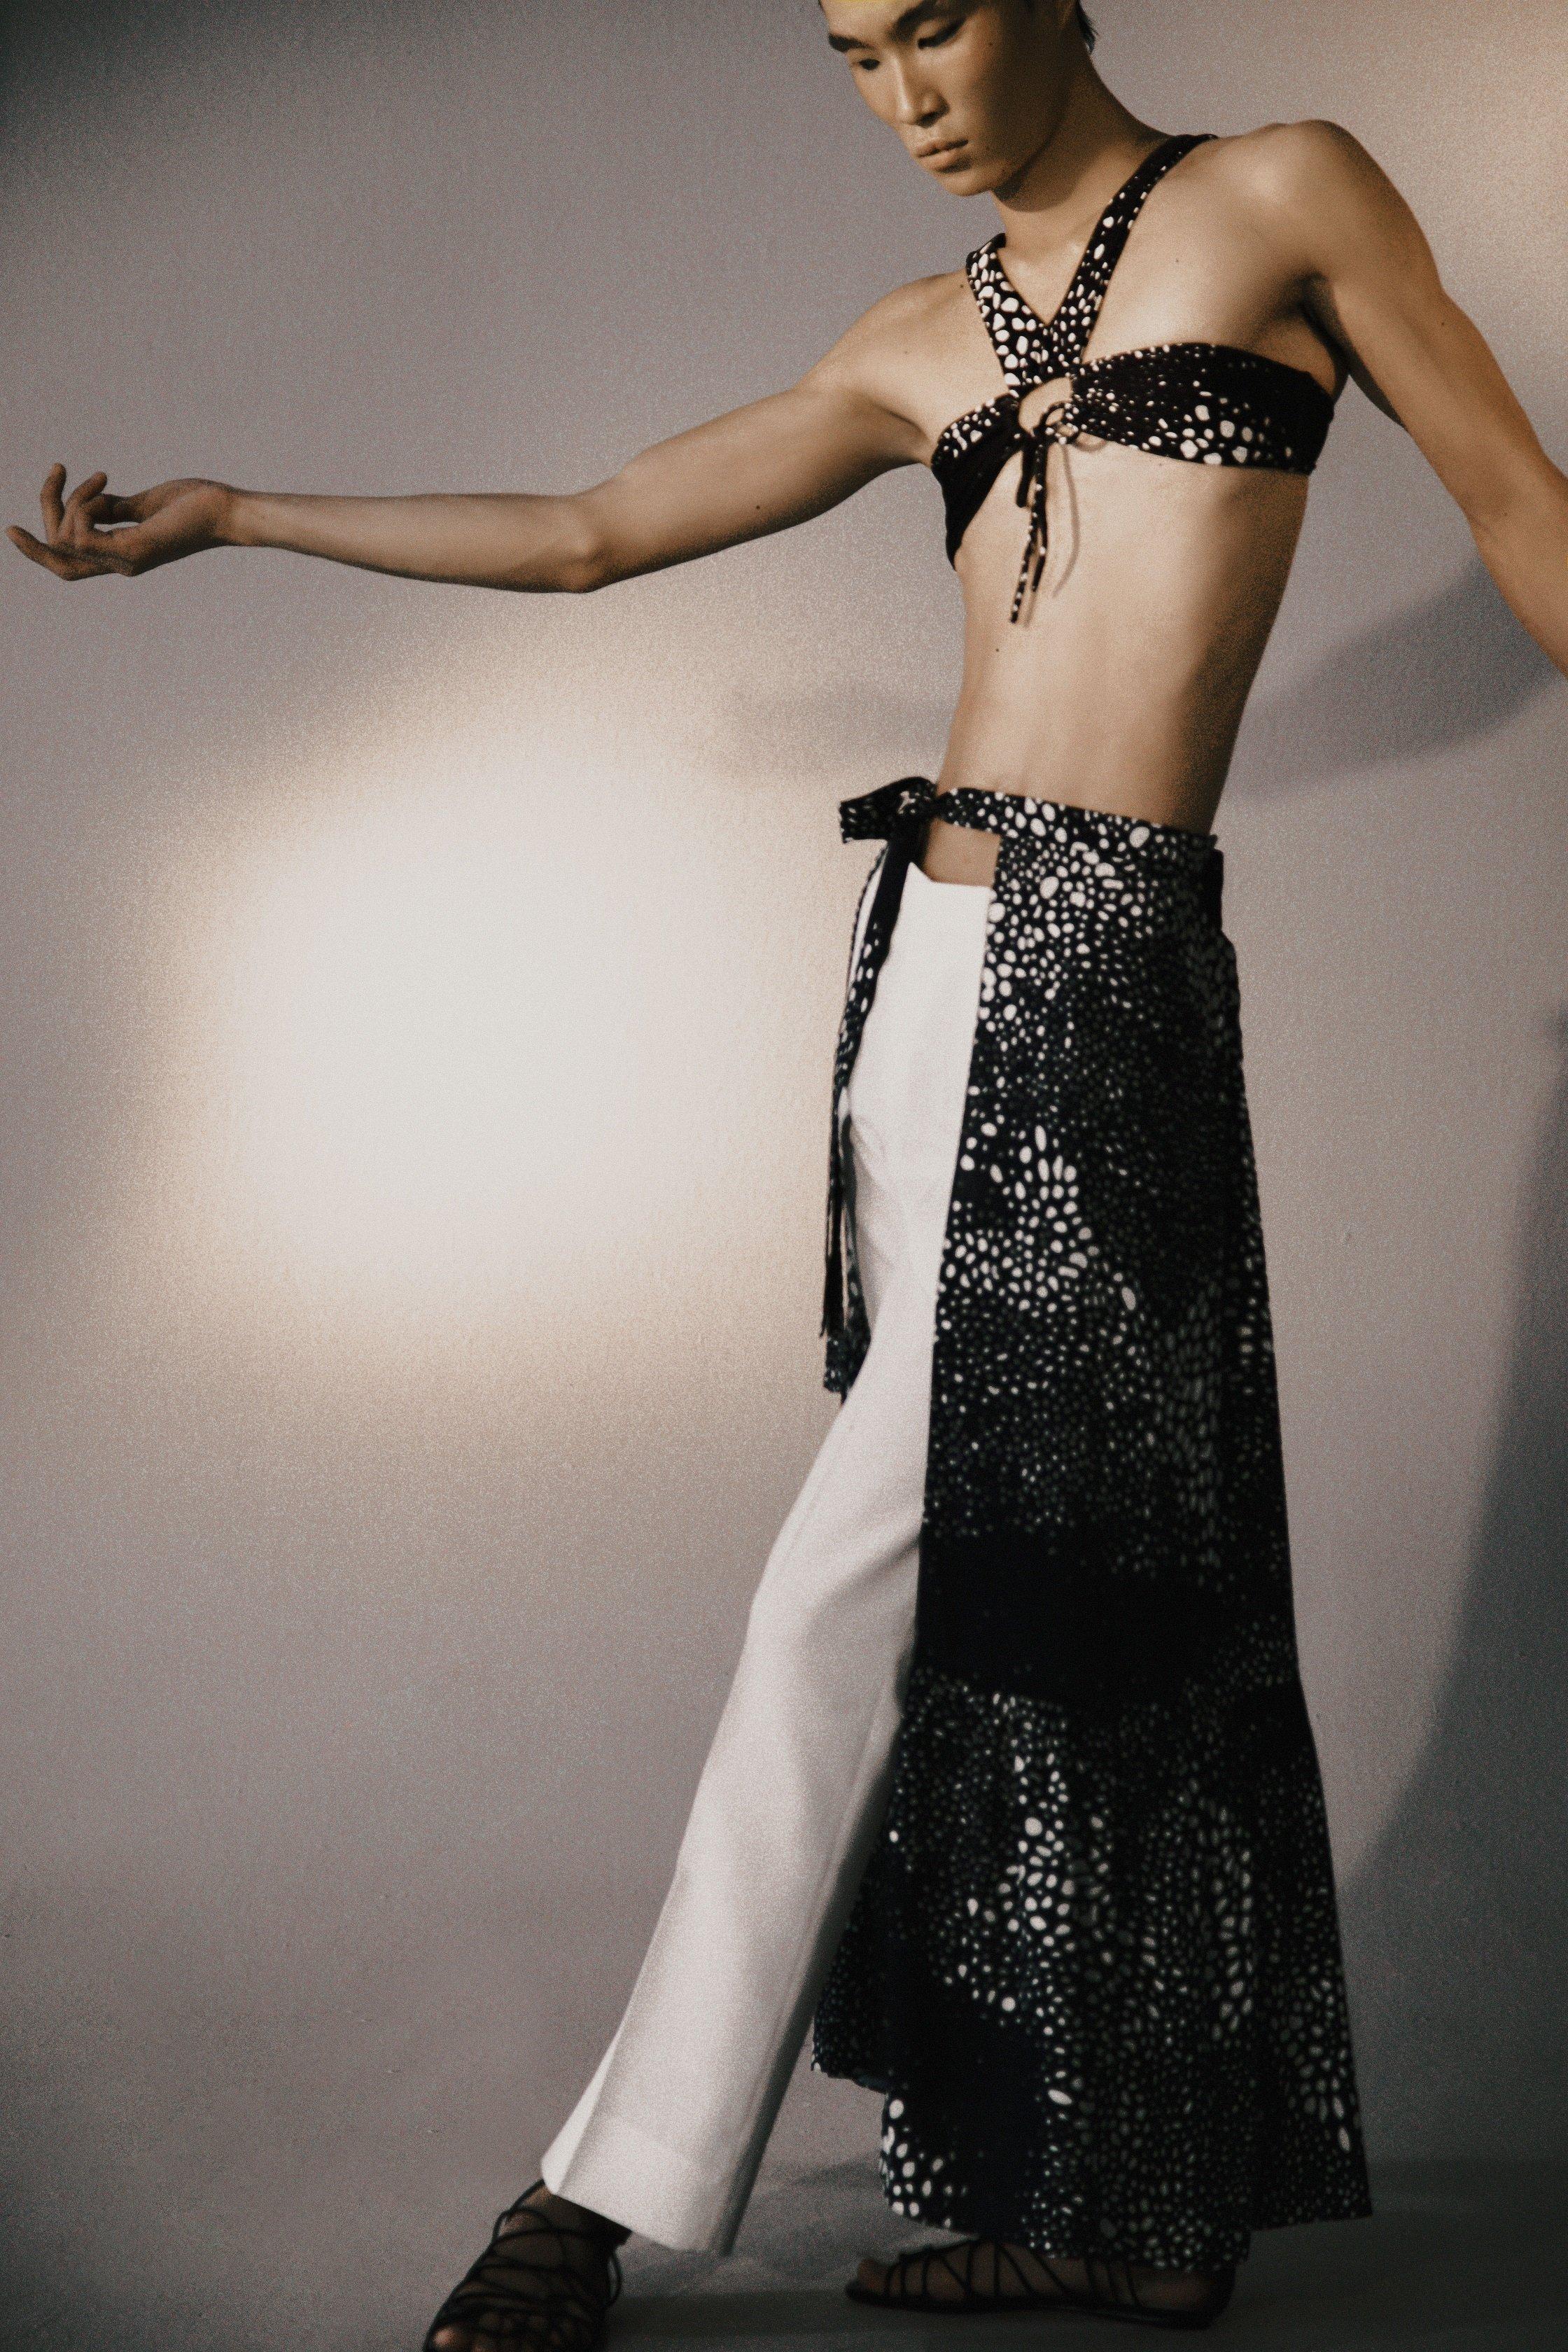 (Foto: Reprodução/Site da marca Adriana Degreas)GENDER FLUID